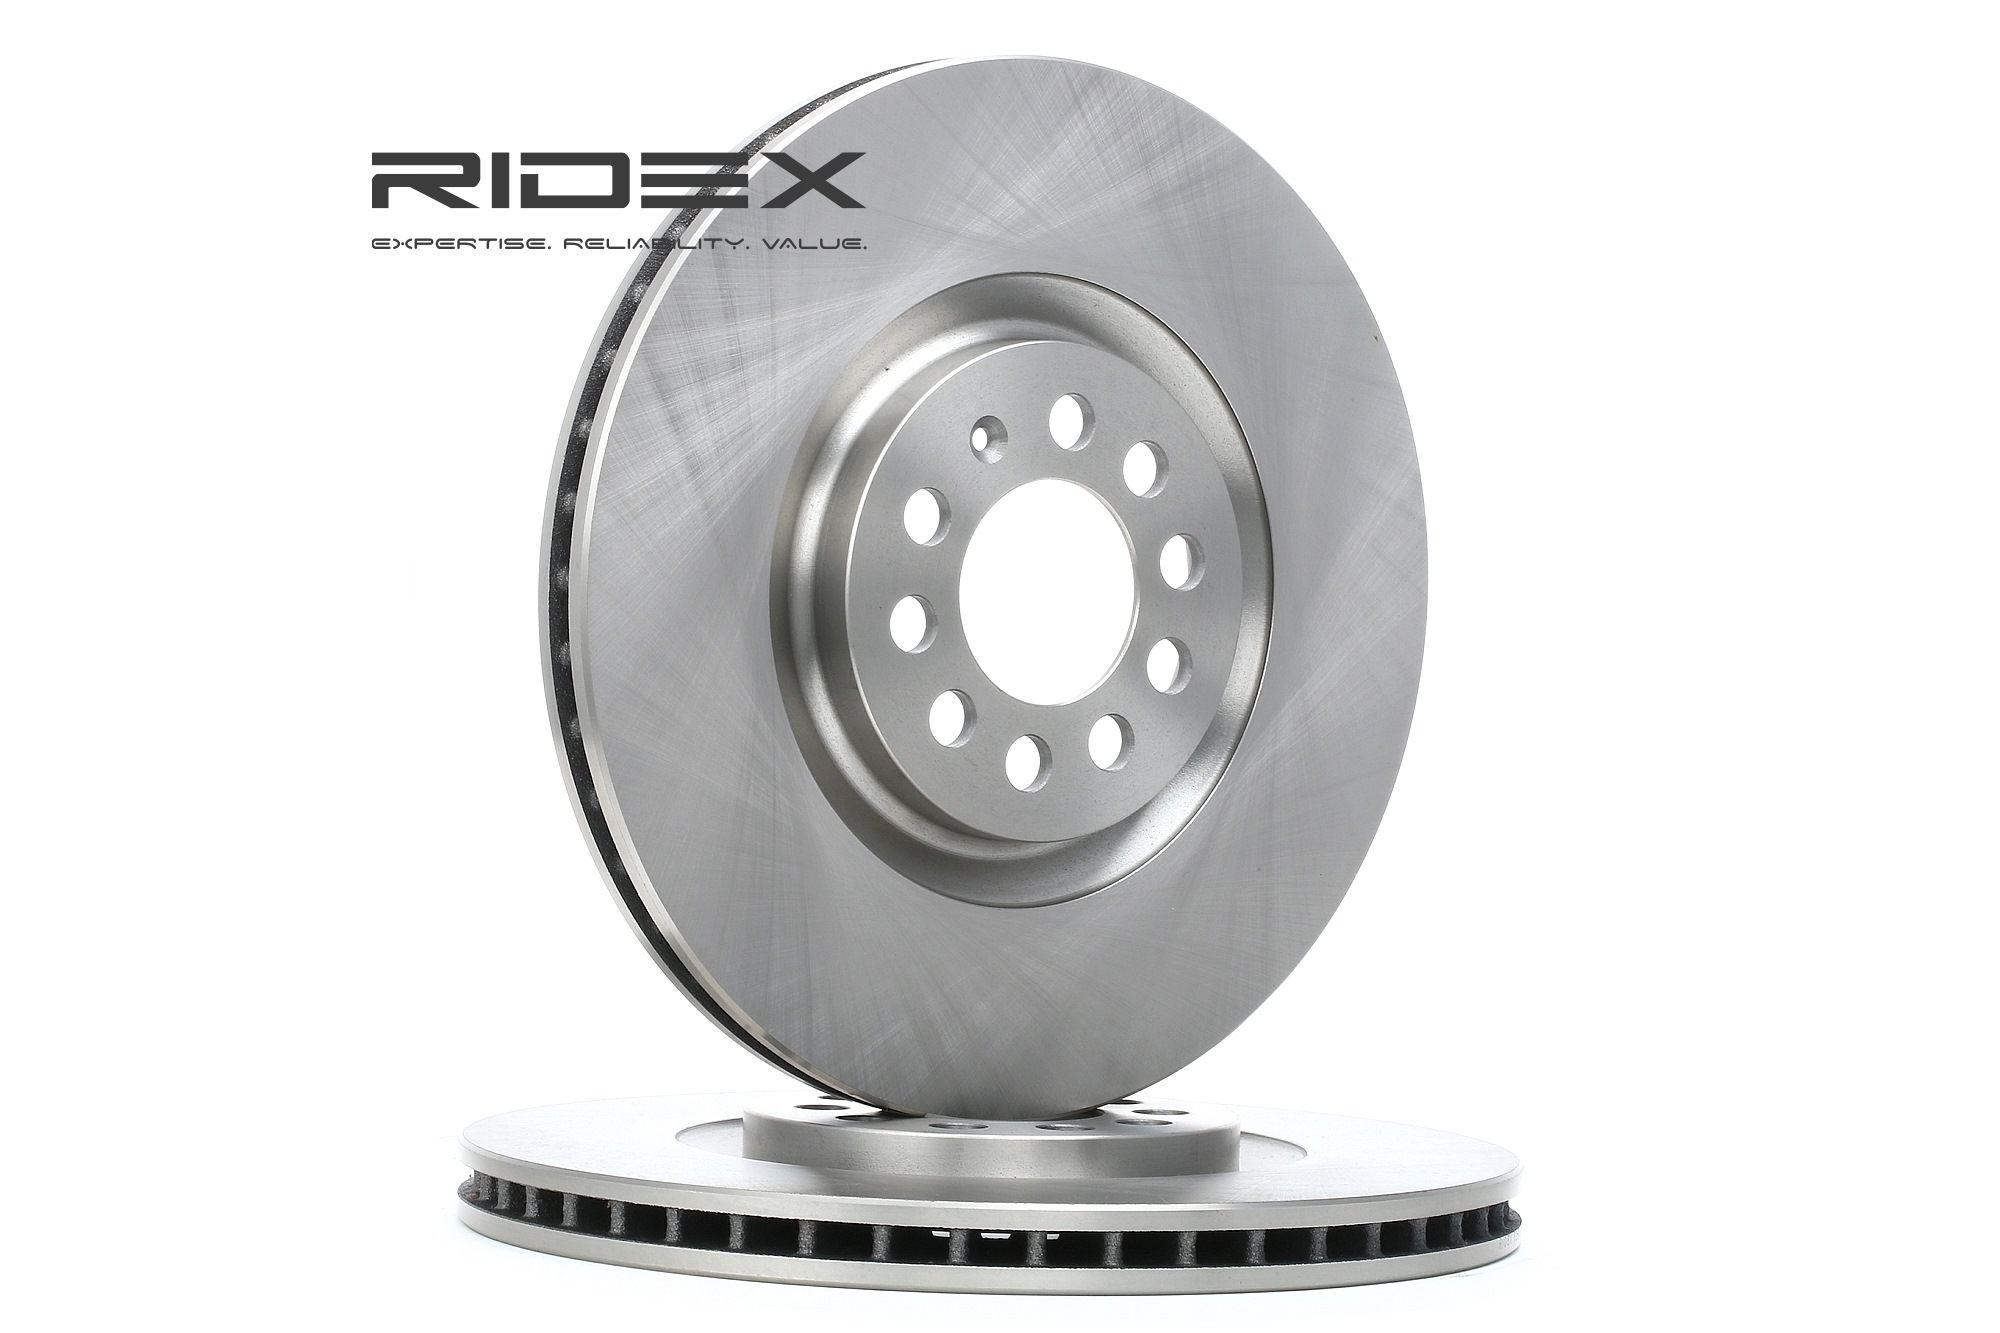 RIDEX 82B0193 (Ø: 312mm, Épaisseur du disque de frein: 25,0mm) : Disque de frein VW Polo 9n Berline 2007